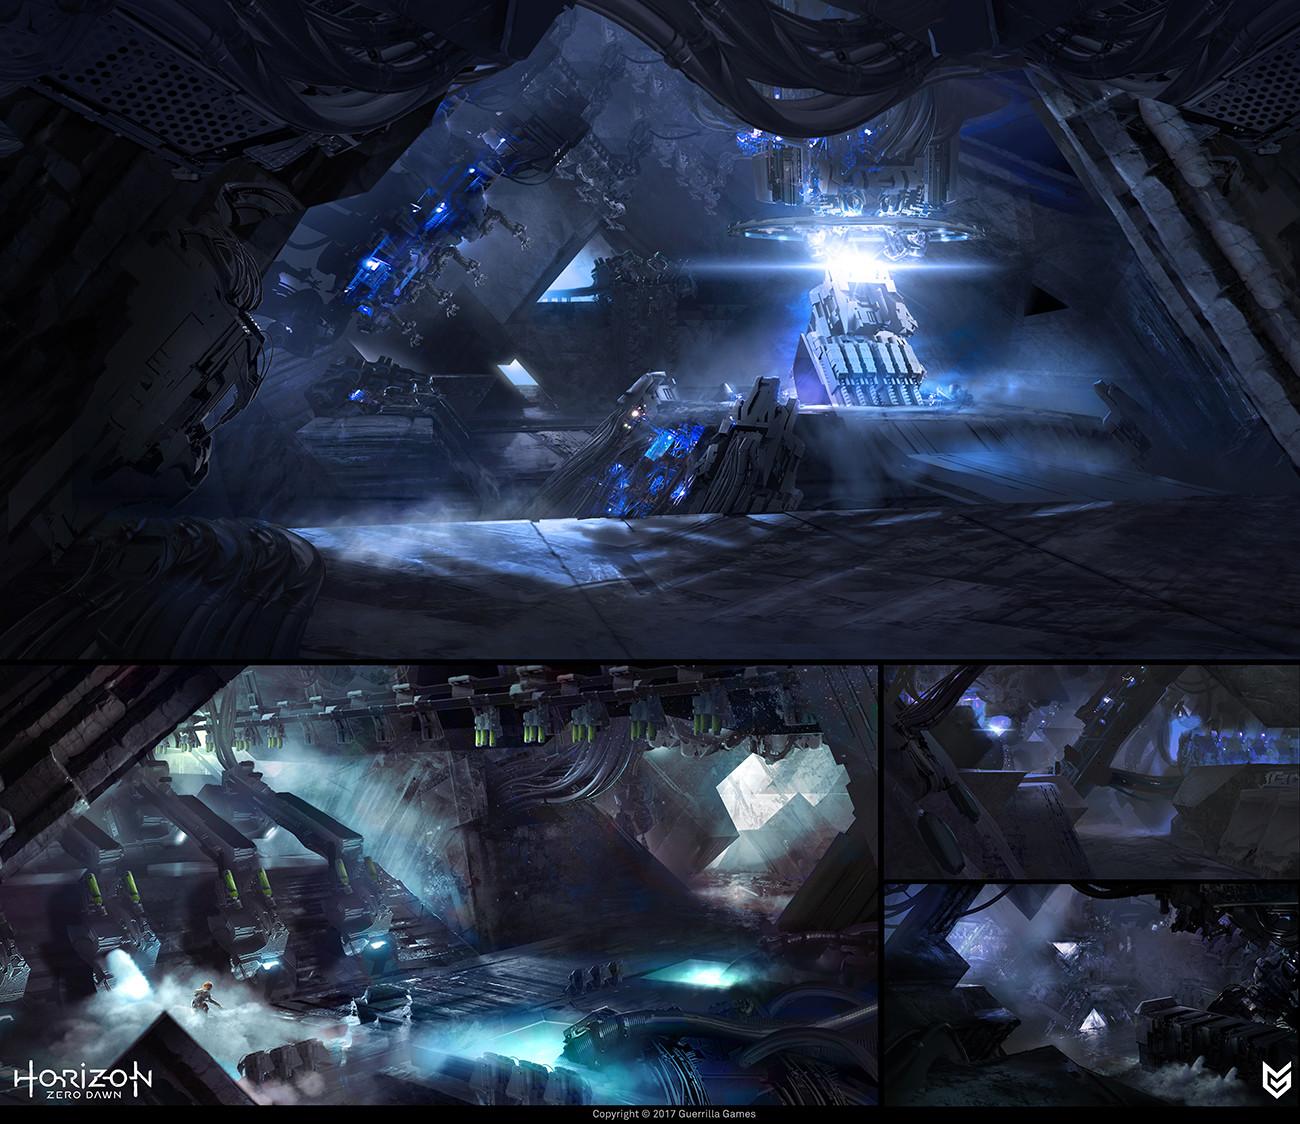 Lloyd allan cauldron interior concepts